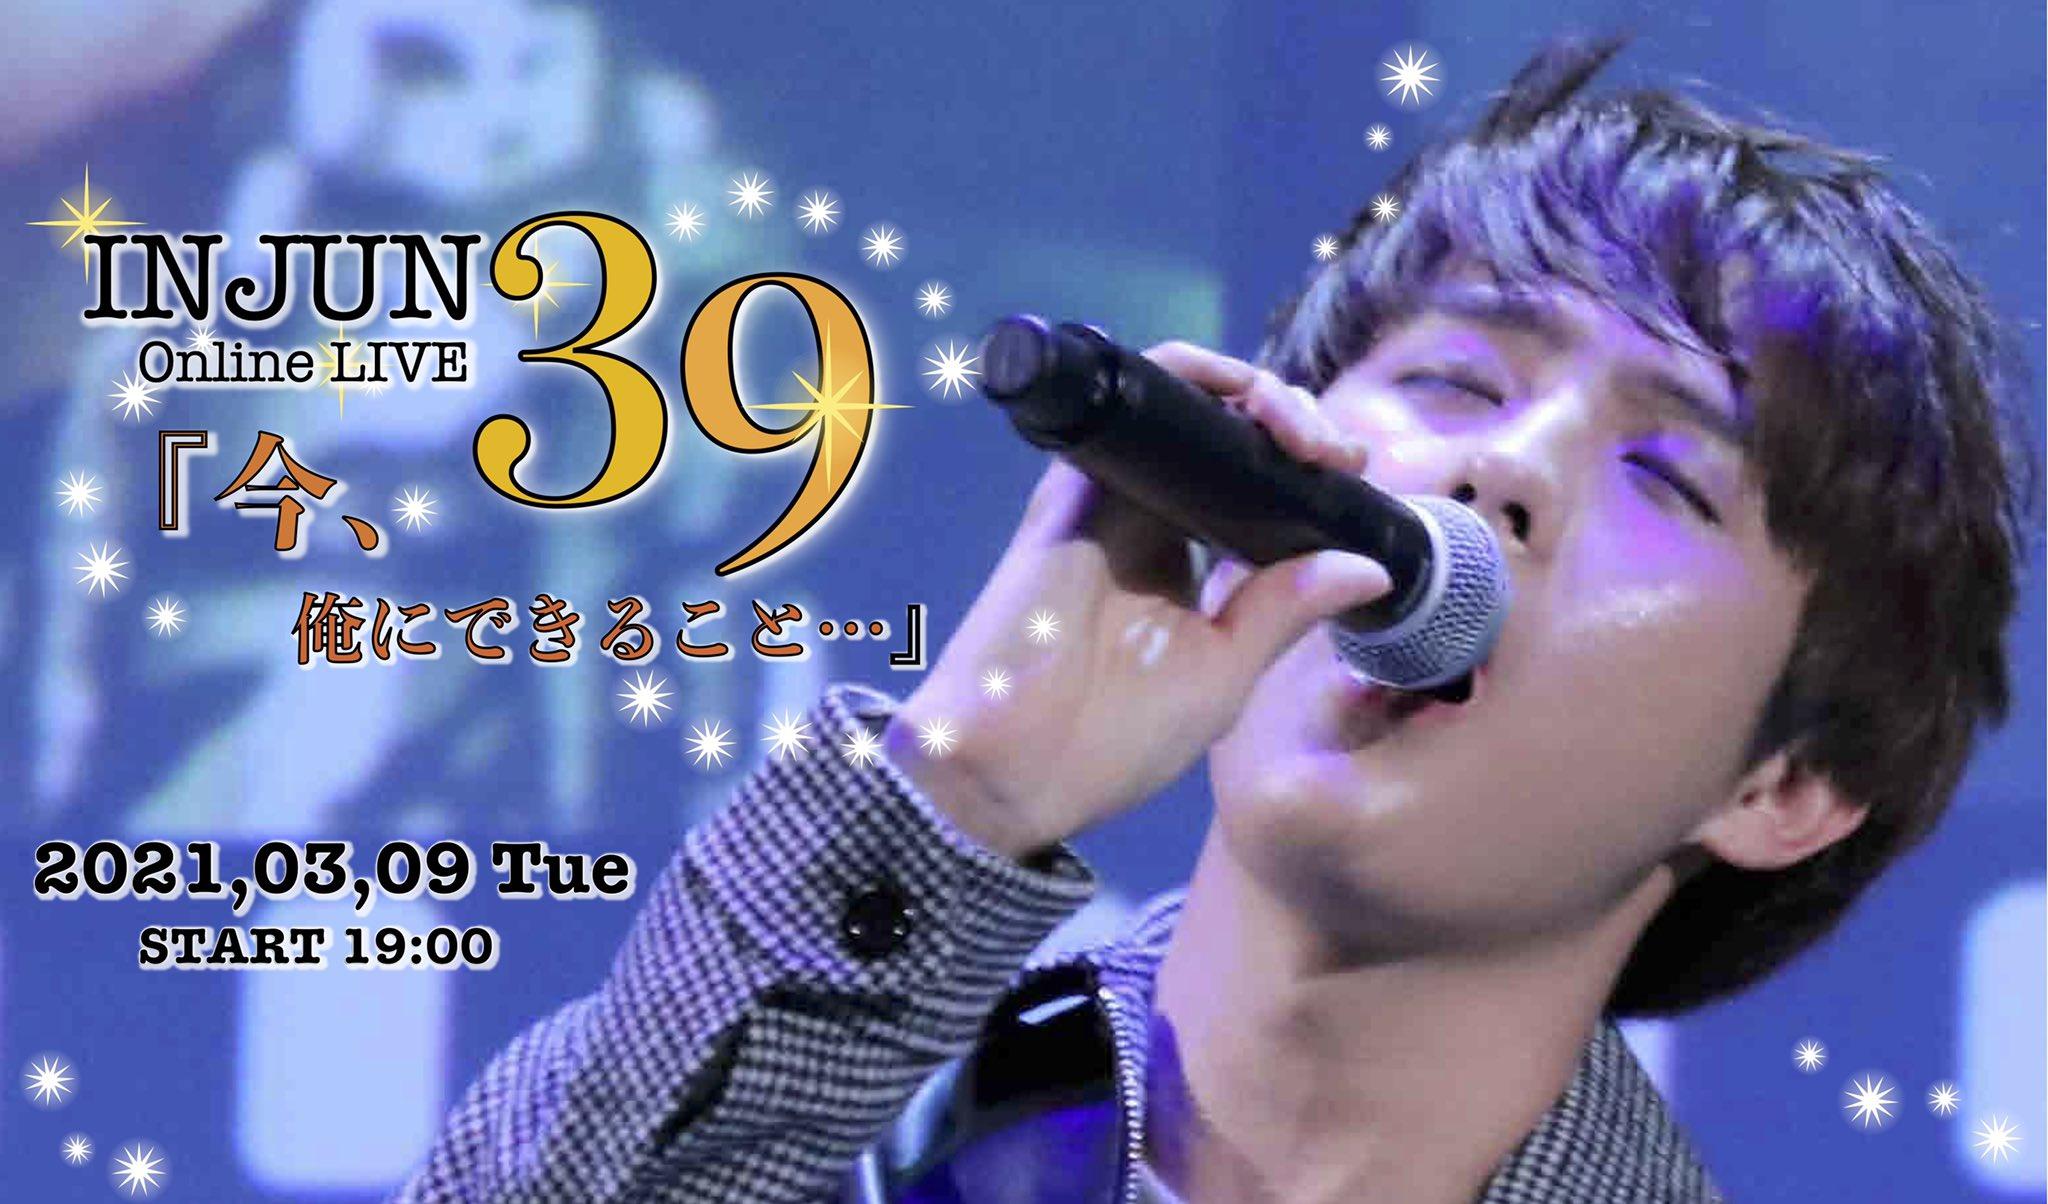 INJUN 39 ONLINE LIVE「今、俺にできること…」